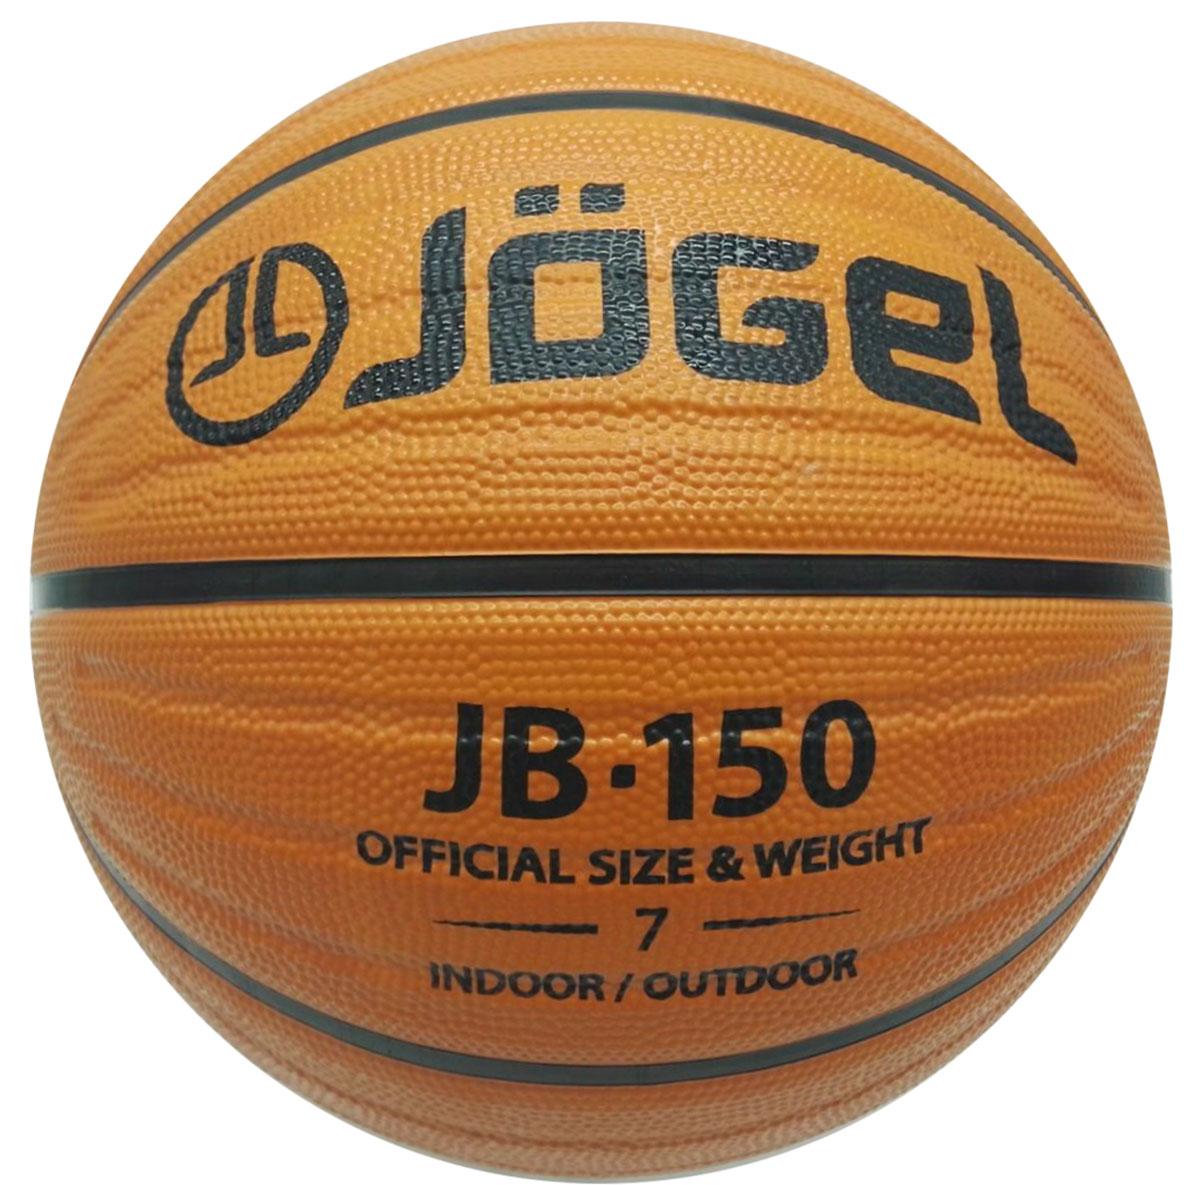 Мяч баскетбольный Jogel, цвет: коричневый. Размер 7. JB-150120330_yellow/blackРезиновый баскетбольный мяч Jogel часто используется в уличном баскетболе и учебных заведения. Покрышка мяча выполнена из износостойкой резины, поэтому с мячом можно играть на любой поверхности, как в зале, так и на улице. Всоздании мячей используется технология DeepChannel (глубокие каналы), благодаря которой достигается отличный контроль мяча во времяброска и дриблинга.Камера выполнена из бутила. Мяч баскетбольный рекомендован для любительской игры, тренировок команд среднего уровня и любительских команд. Вес: 567-650 гр. Длина окружности: 75-78 см. Рекомендованное давление: 0.5-0.6 бар. УВАЖАЕМЫЕ КЛИЕНТЫ! Обращаем ваше внимание на тот факт, что мяч поставляется в сдутом виде. Насос в комплект не входит.